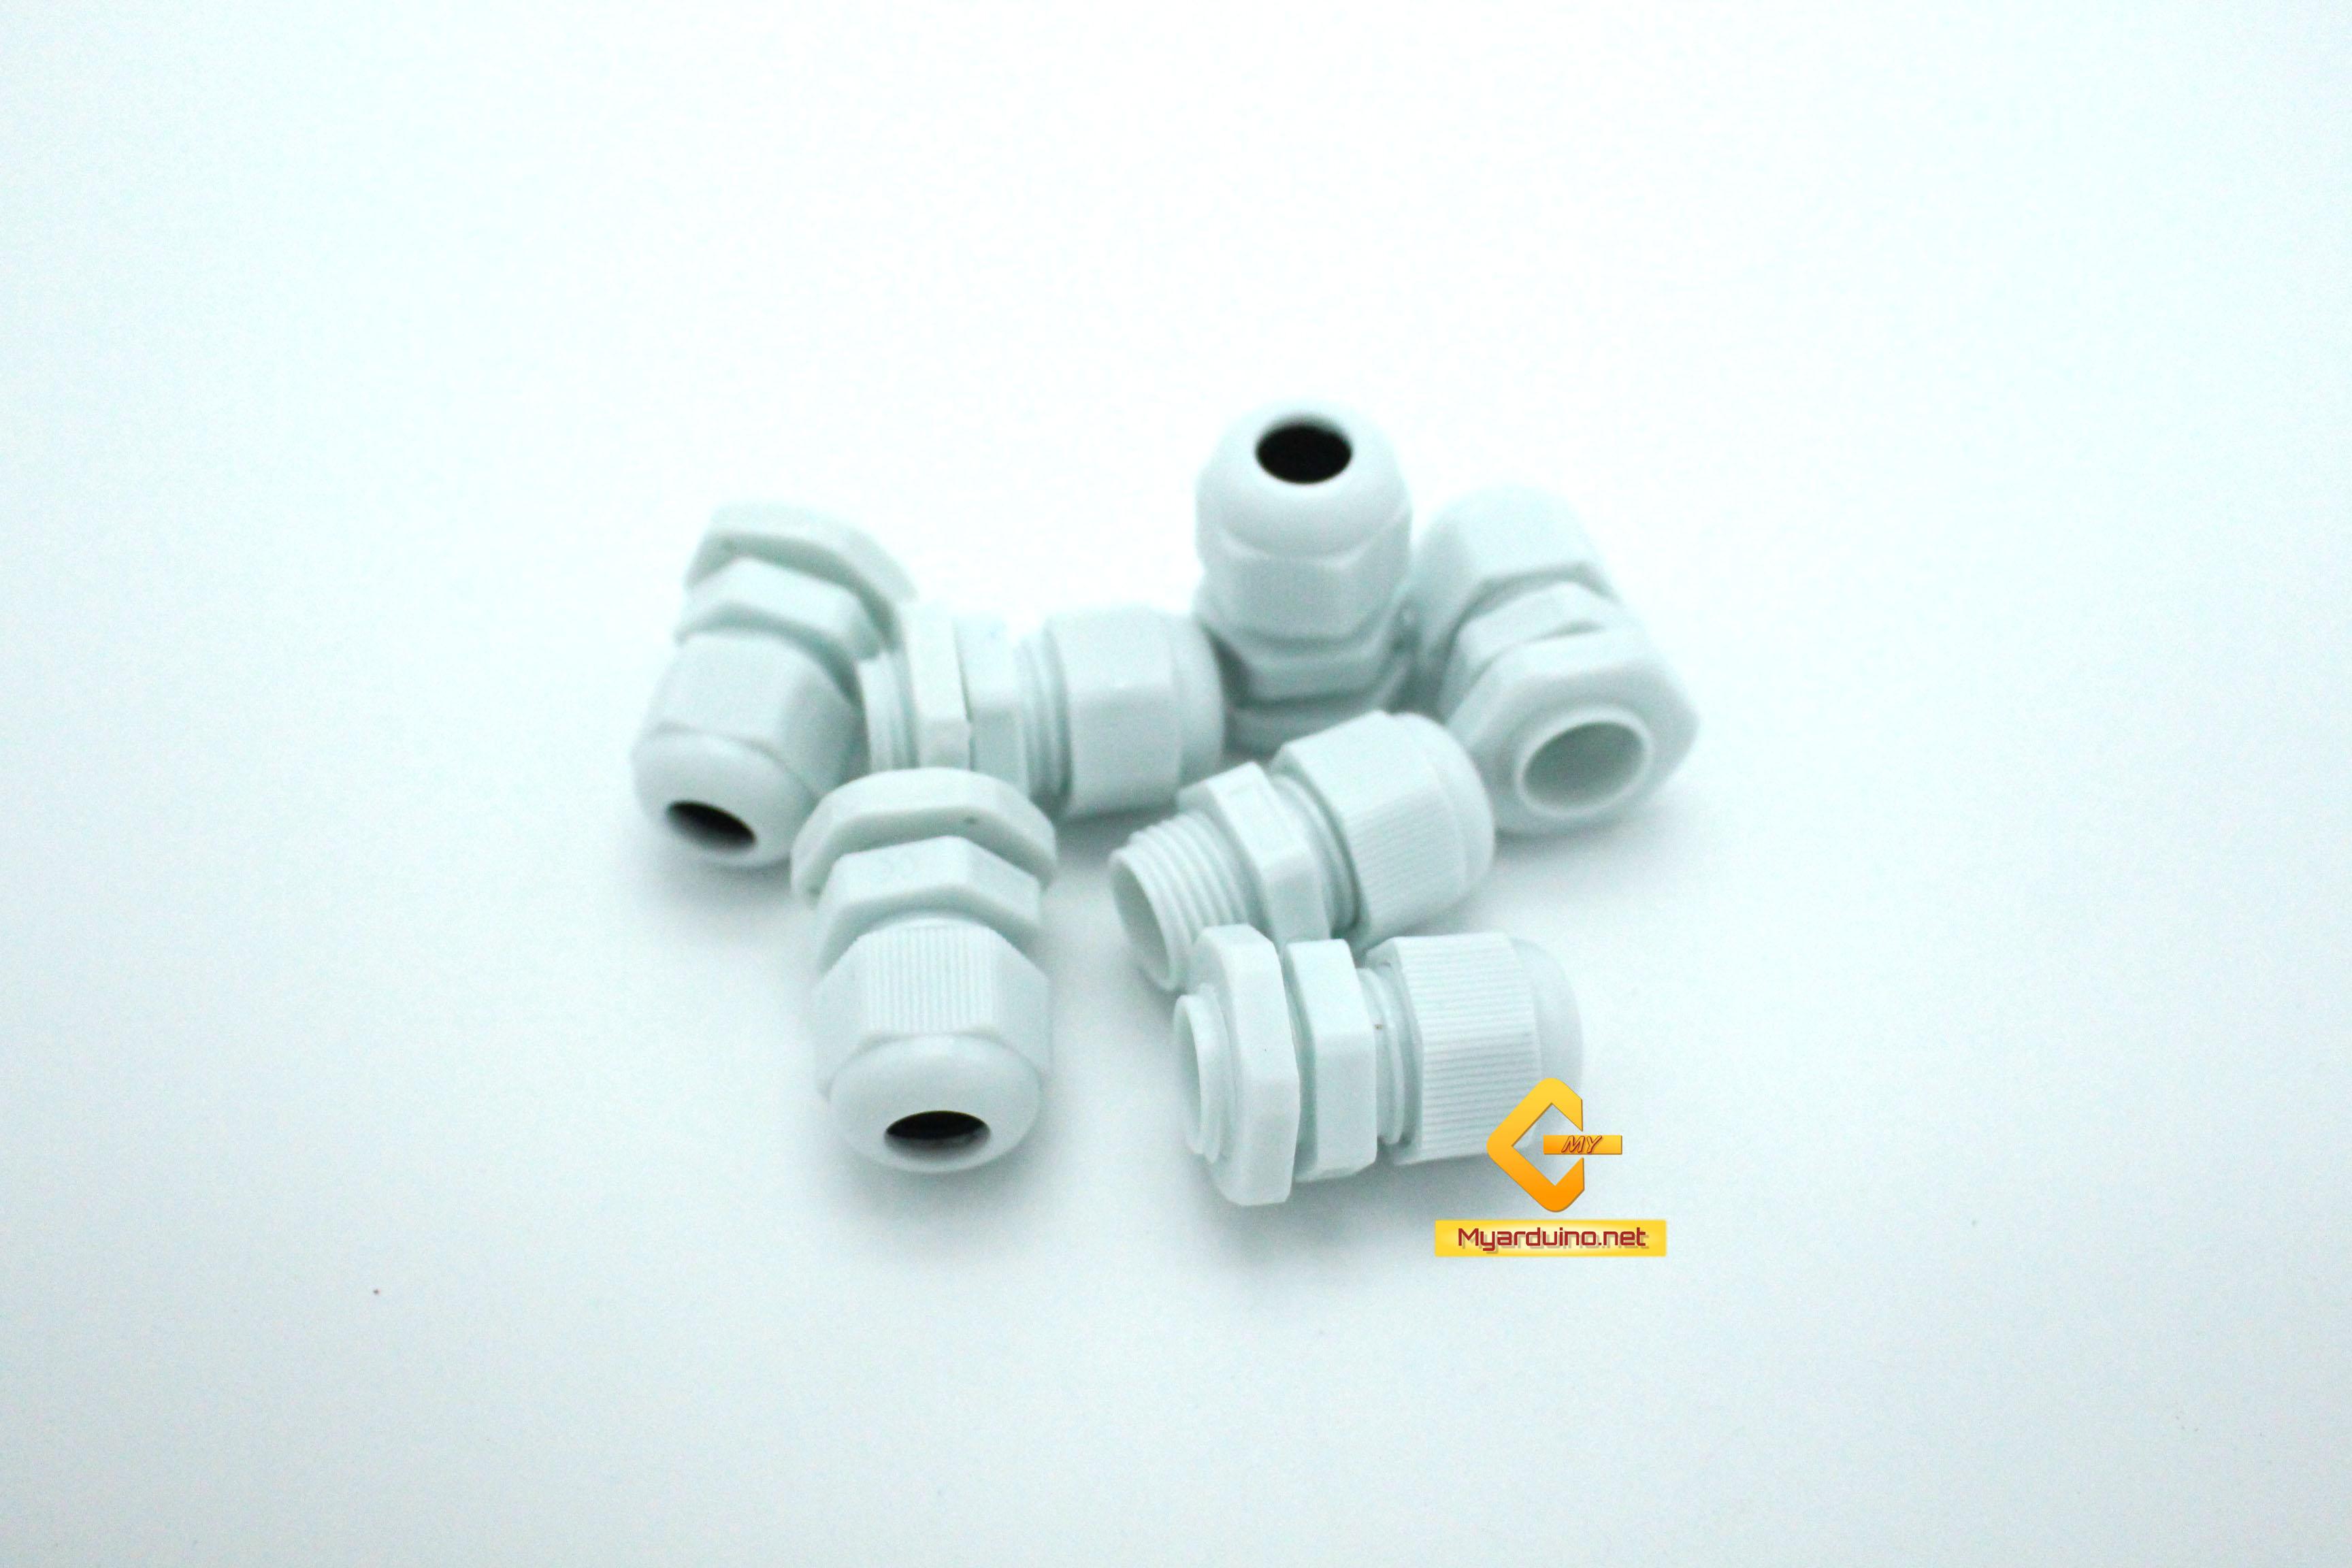 ข้อต่อพลาสติกกล่องกันน้ำ PG9 5-8mm